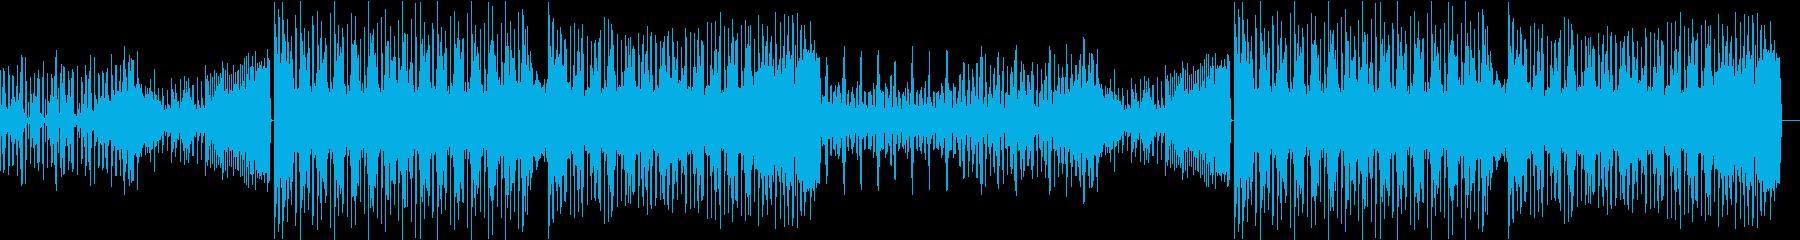 ニュース 事件 報道 シリアス EDMの再生済みの波形